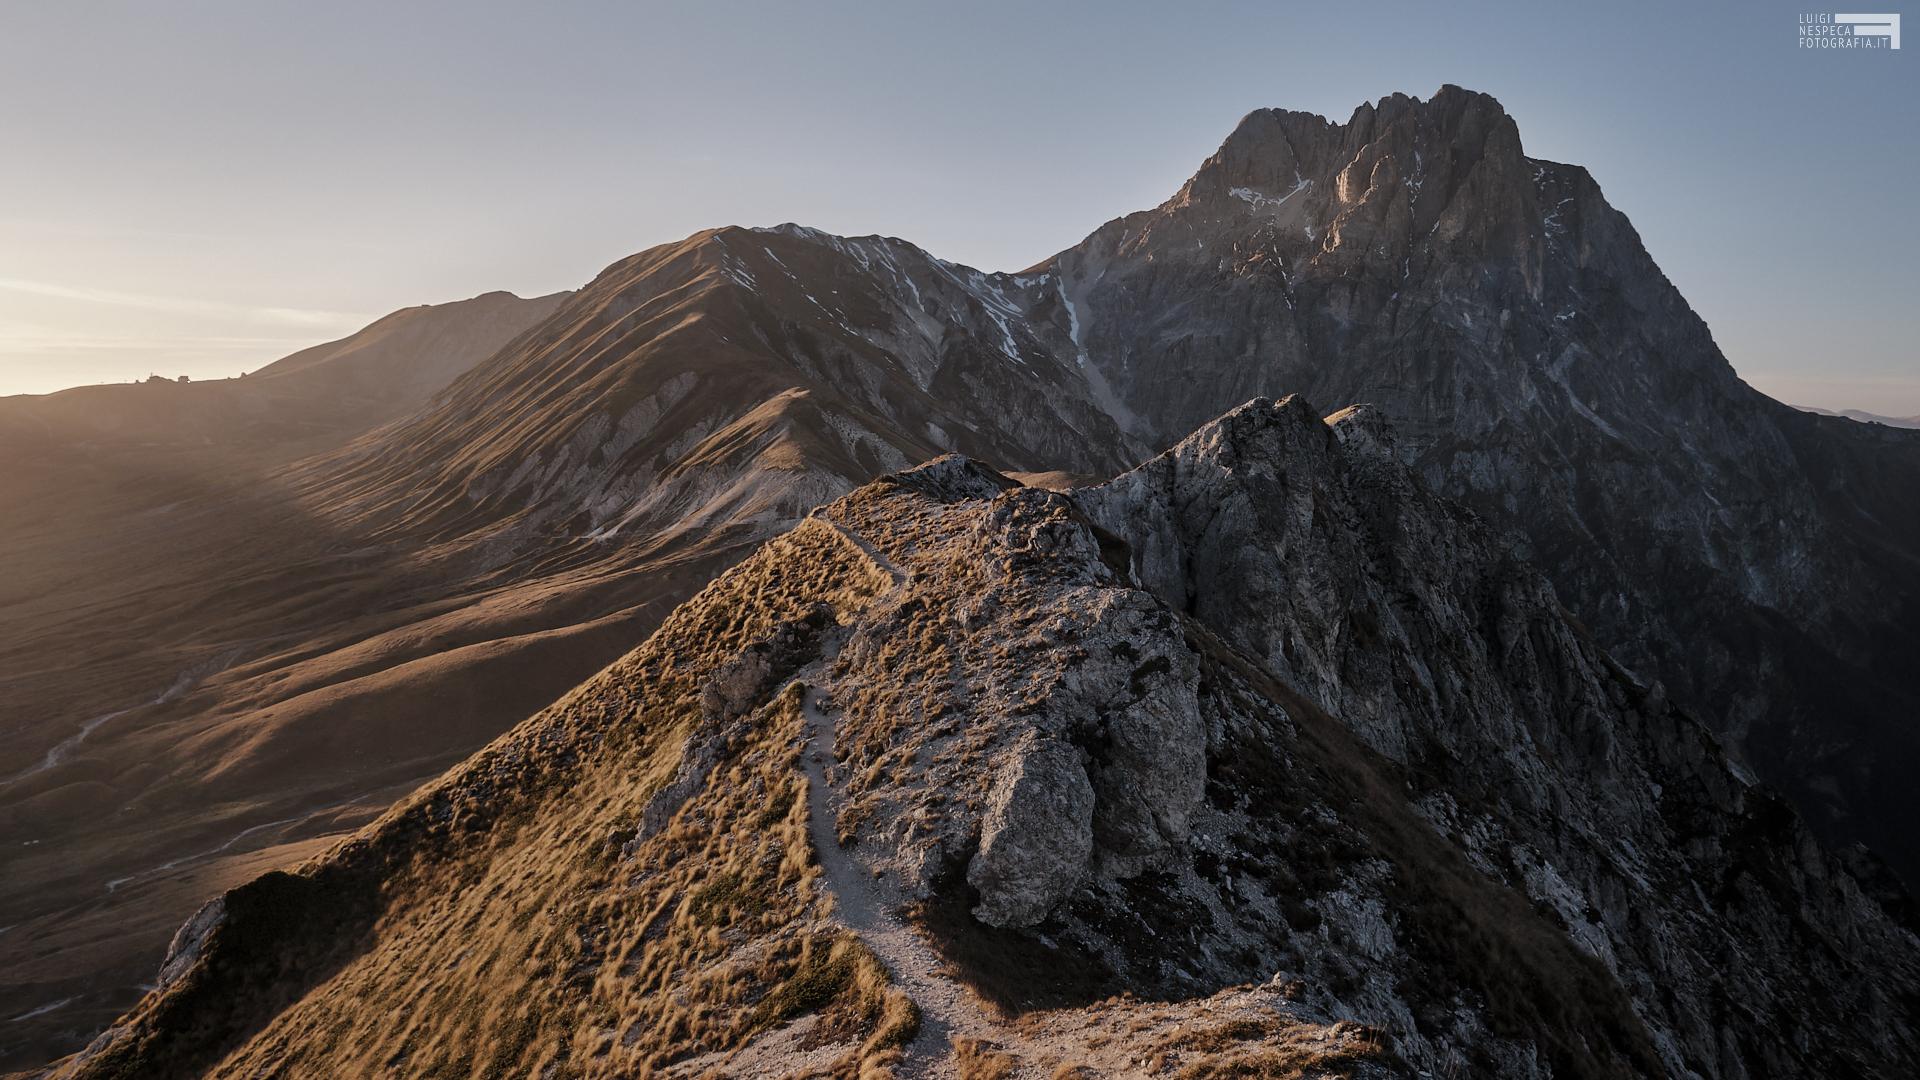 Novembre 2020 - Campo Imperatore dal Monte Brancastello - GRAN SASSO